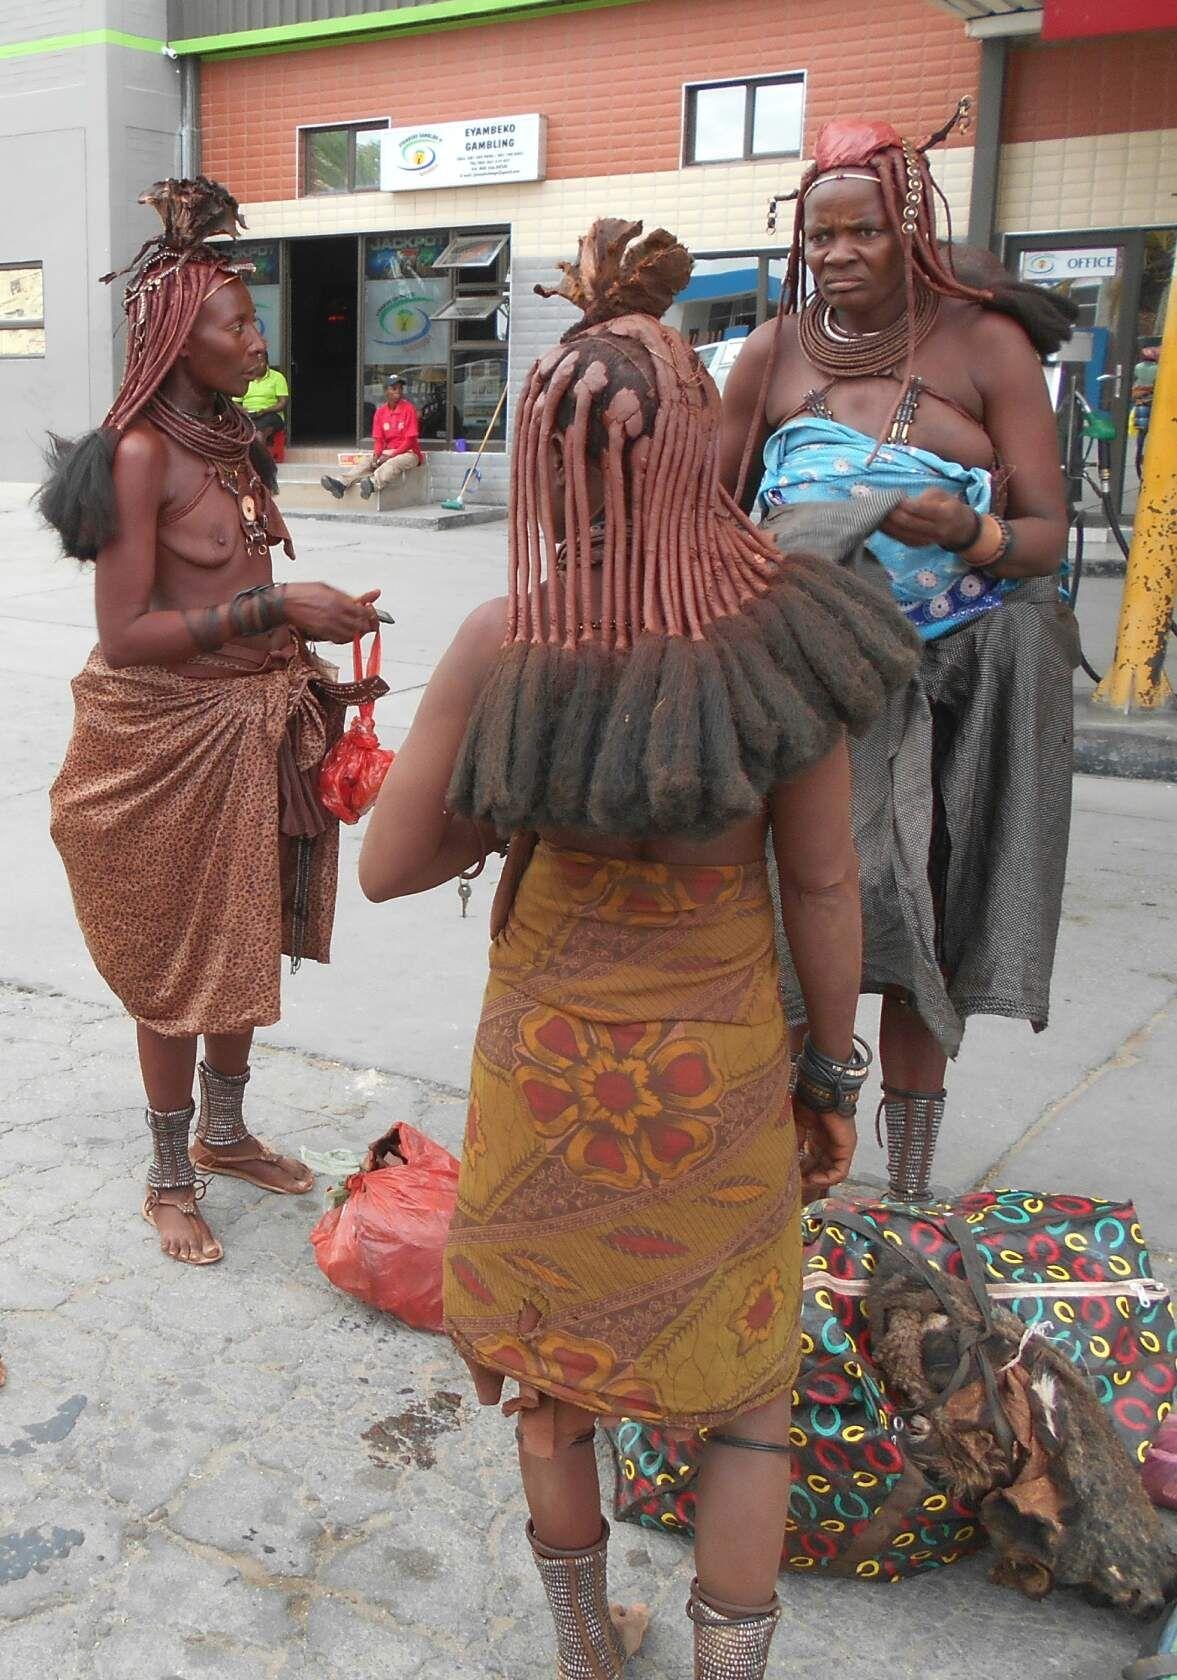 Выражение лица! африка химба намибия